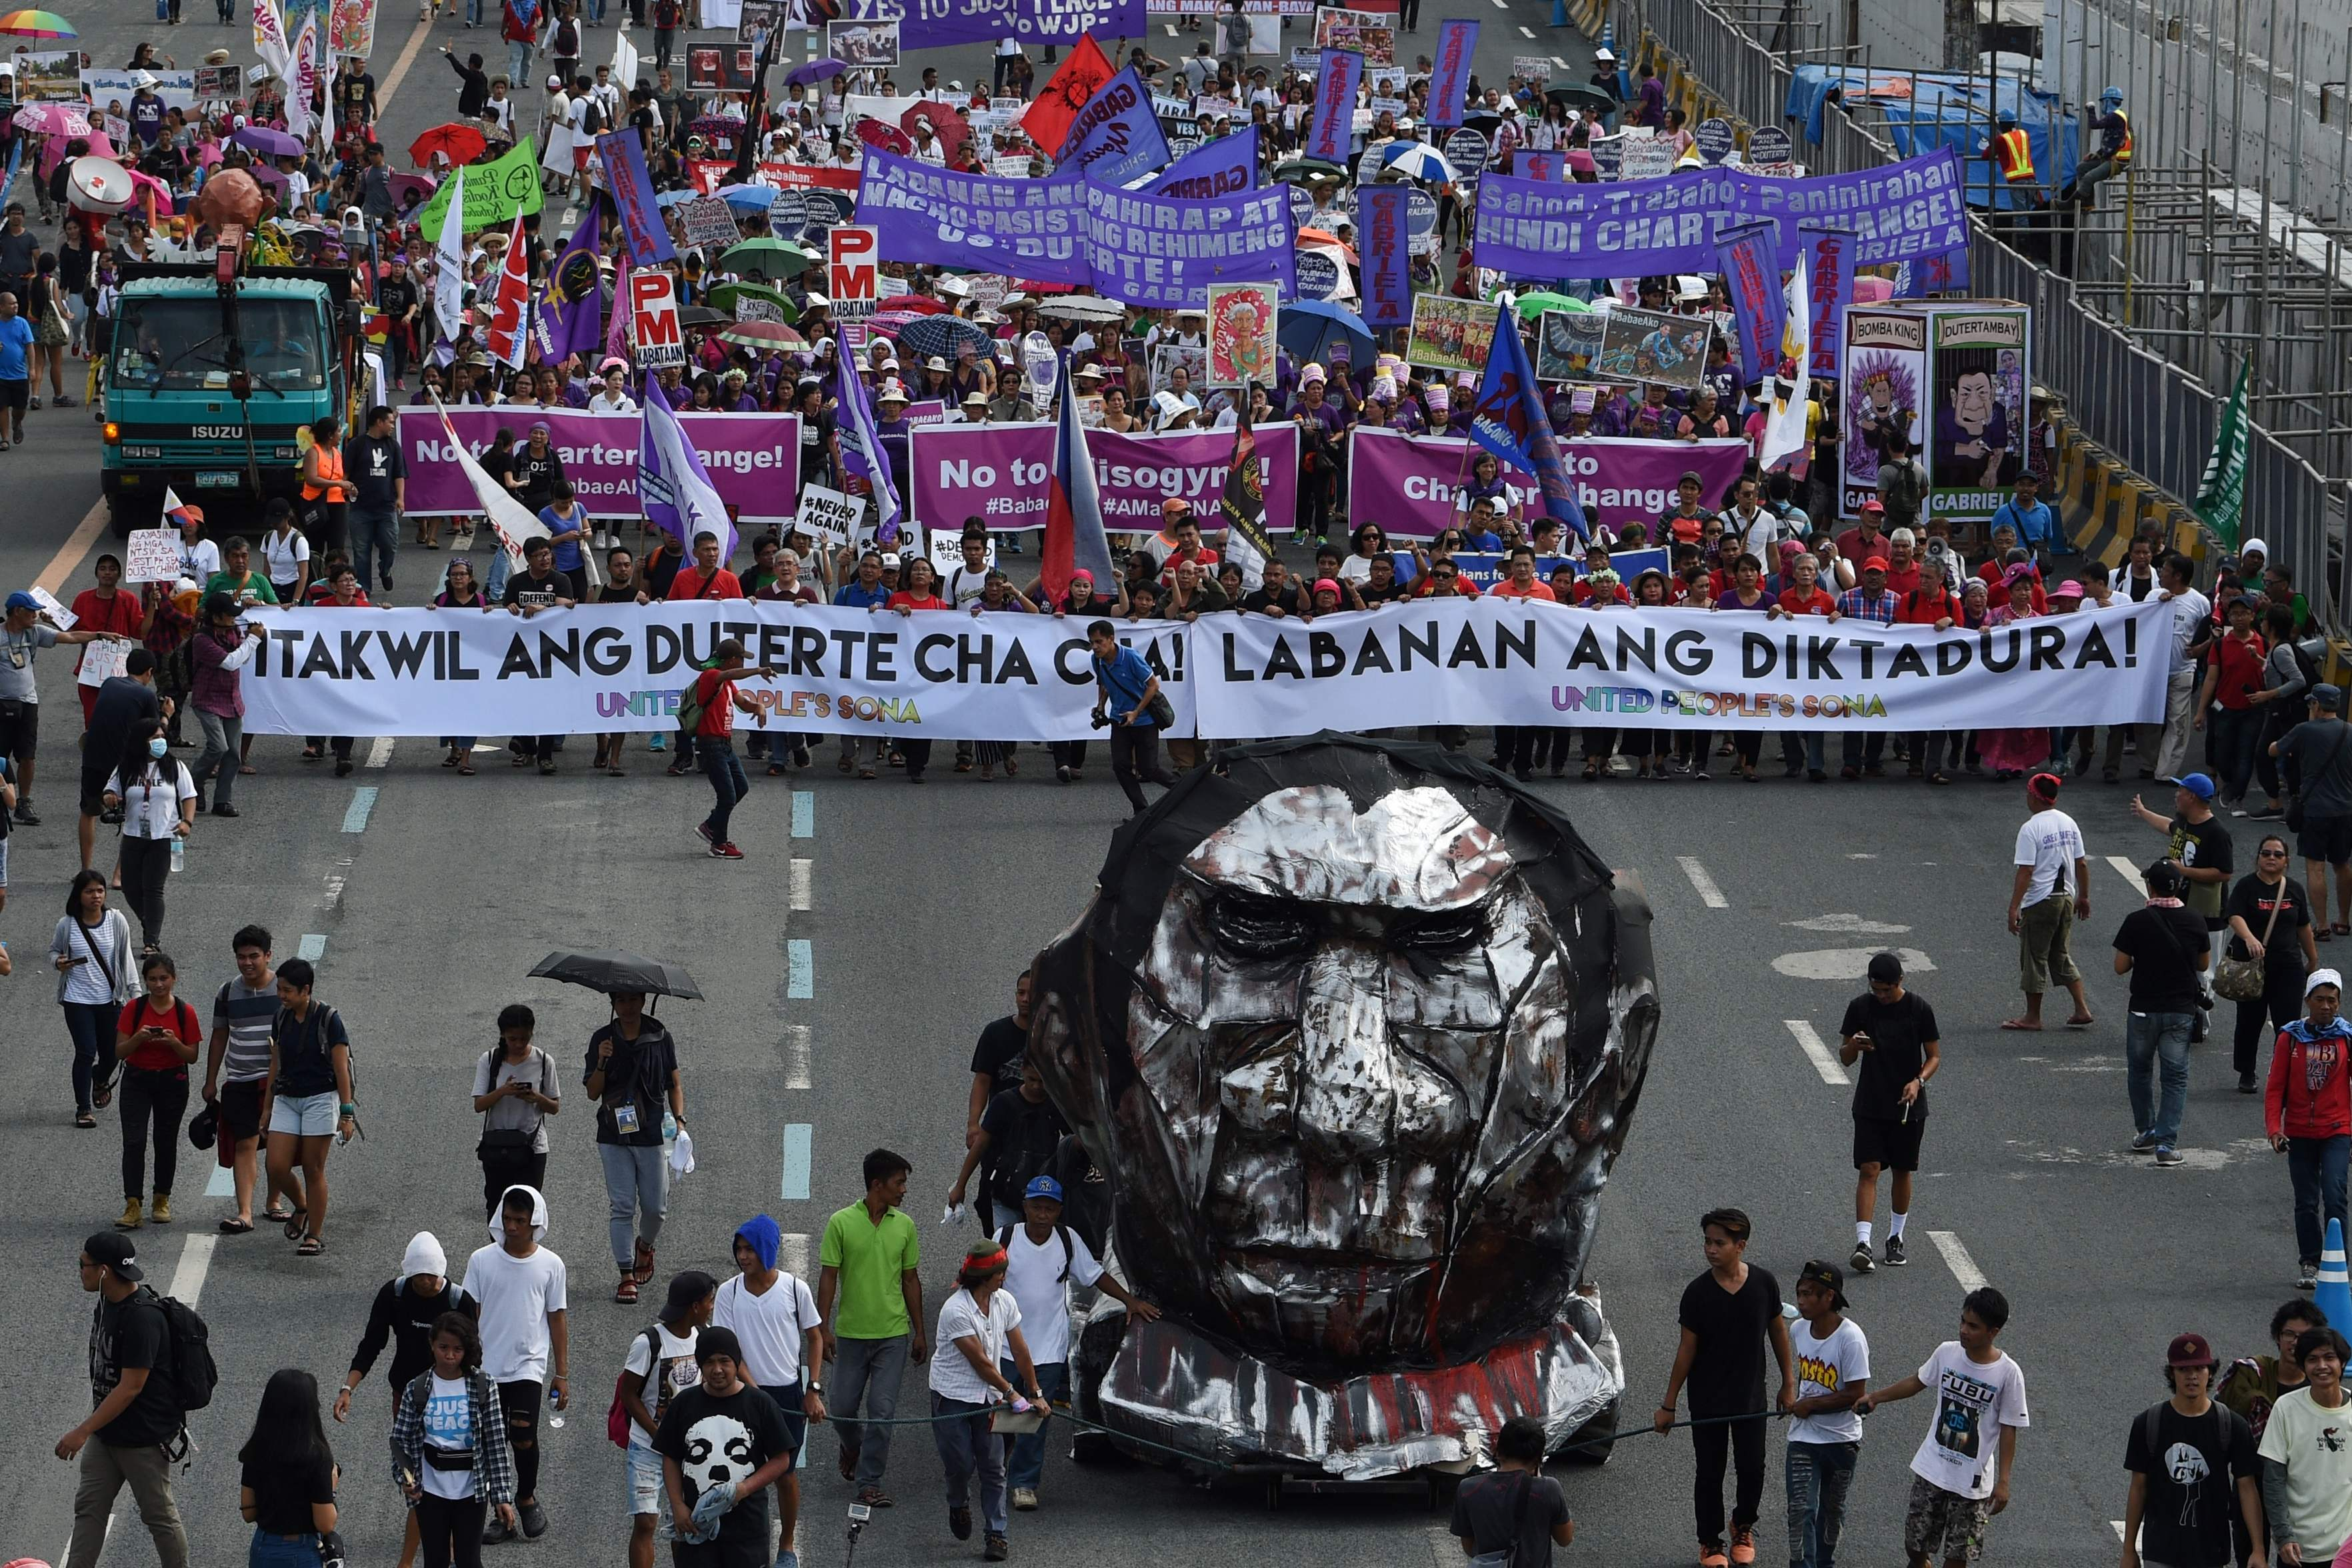 مظاهرات ضد رئيس الفلبين